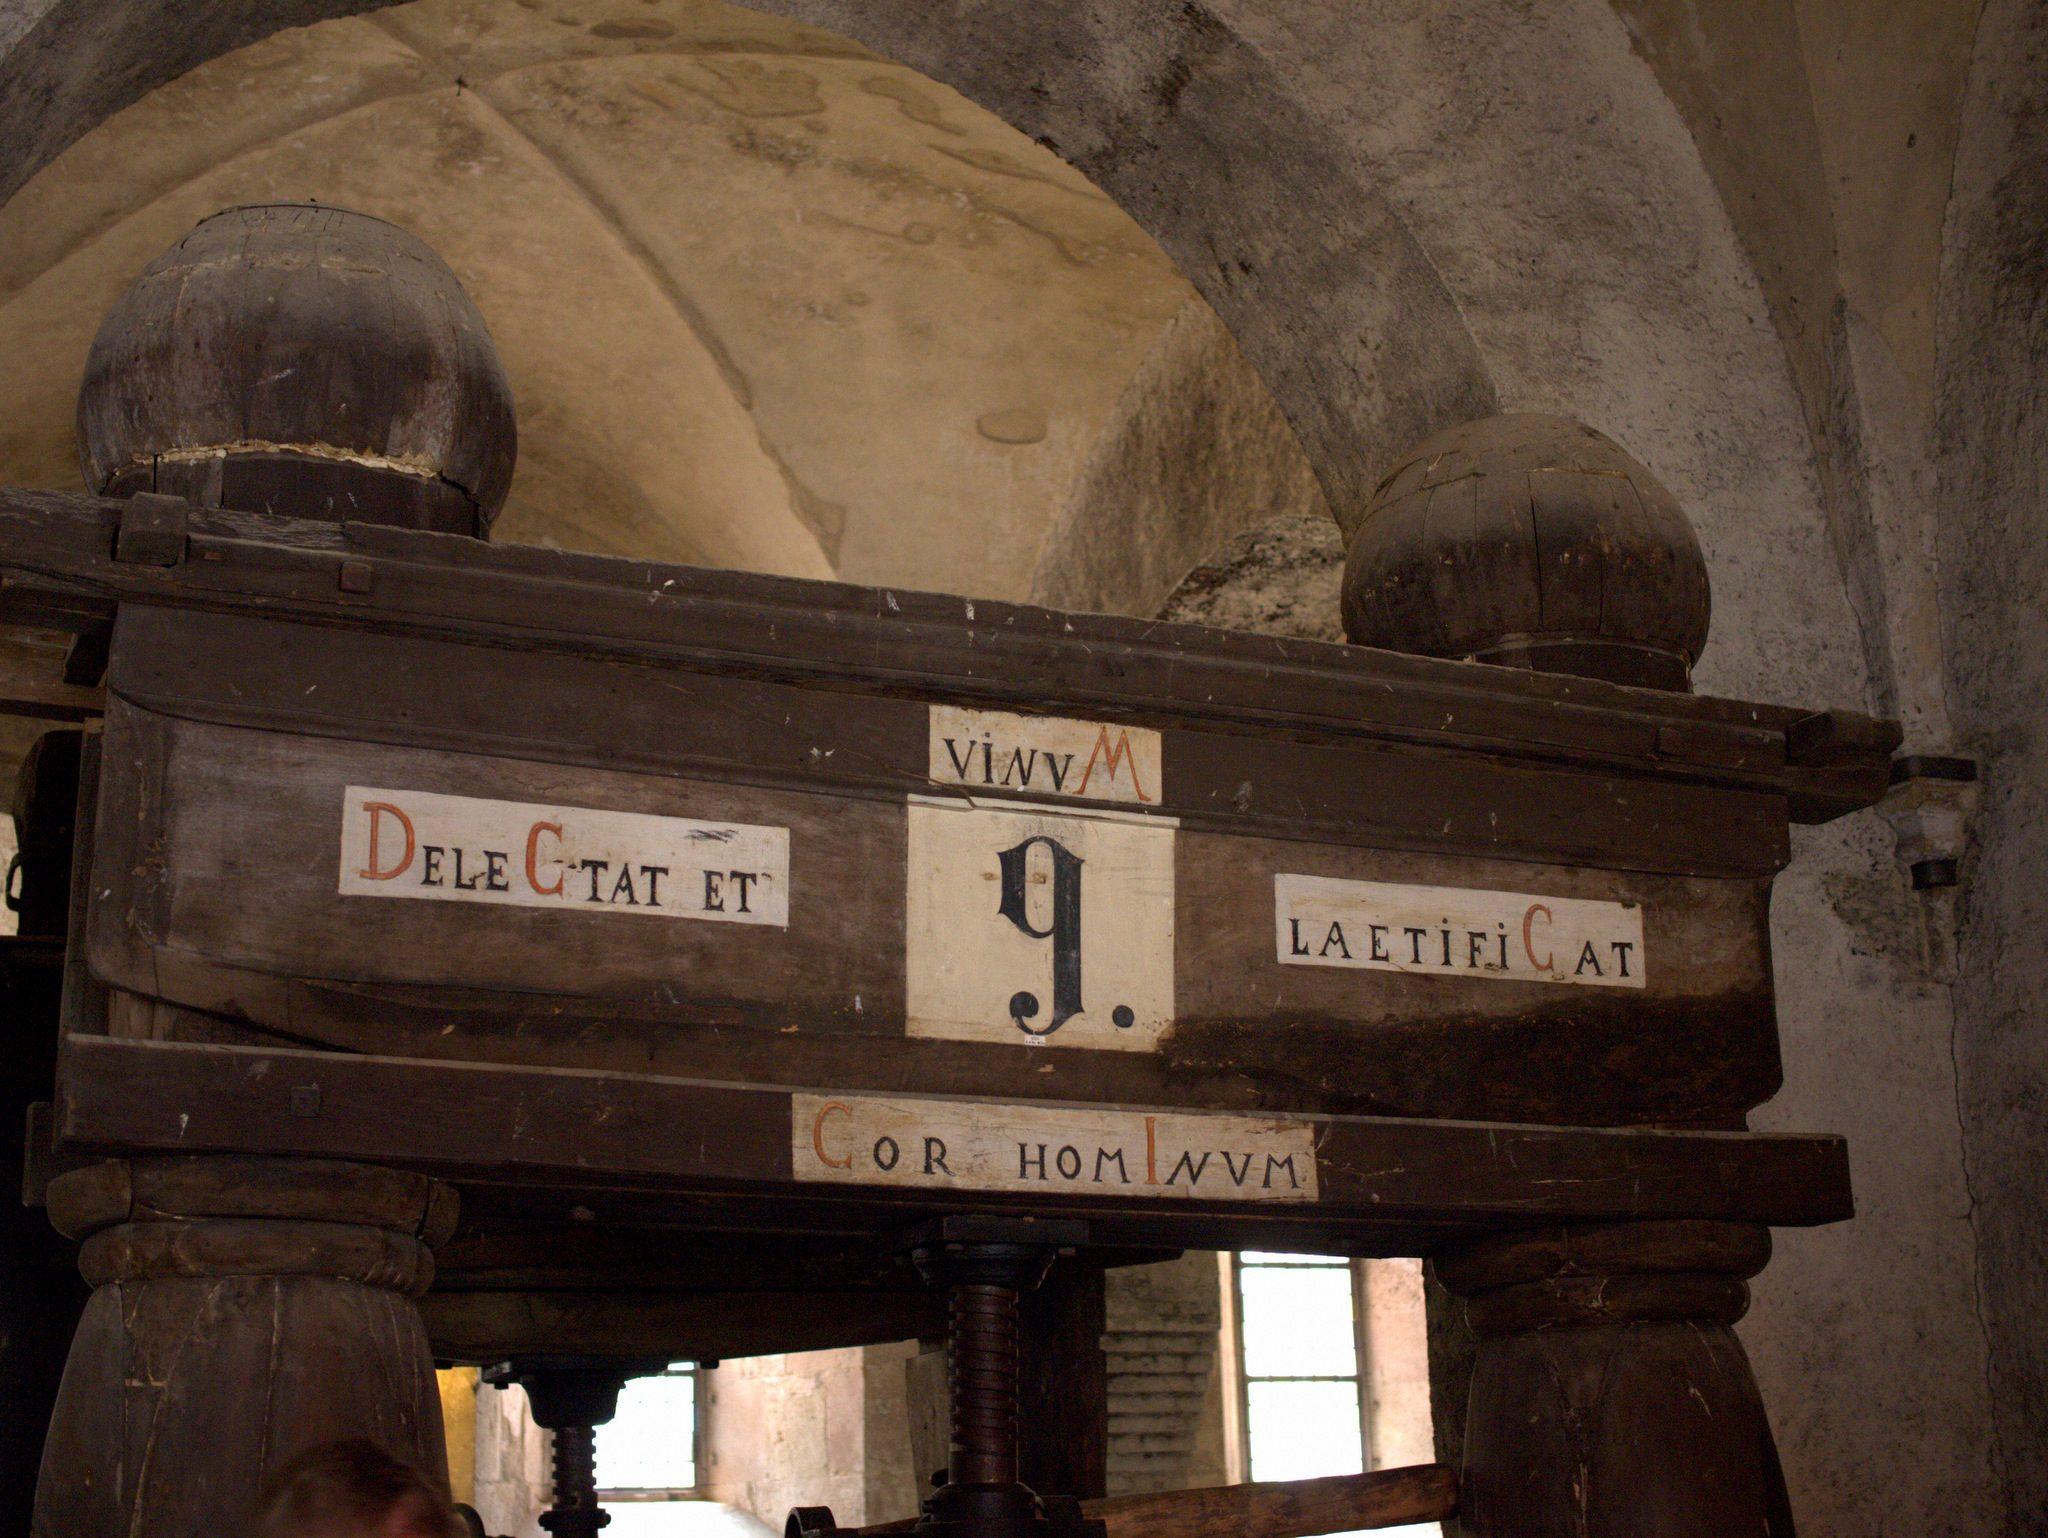 Die roten Buchstaben stellen das Baujahr dieser Kelter mit römischen Ziffern dar. Wer errät's?